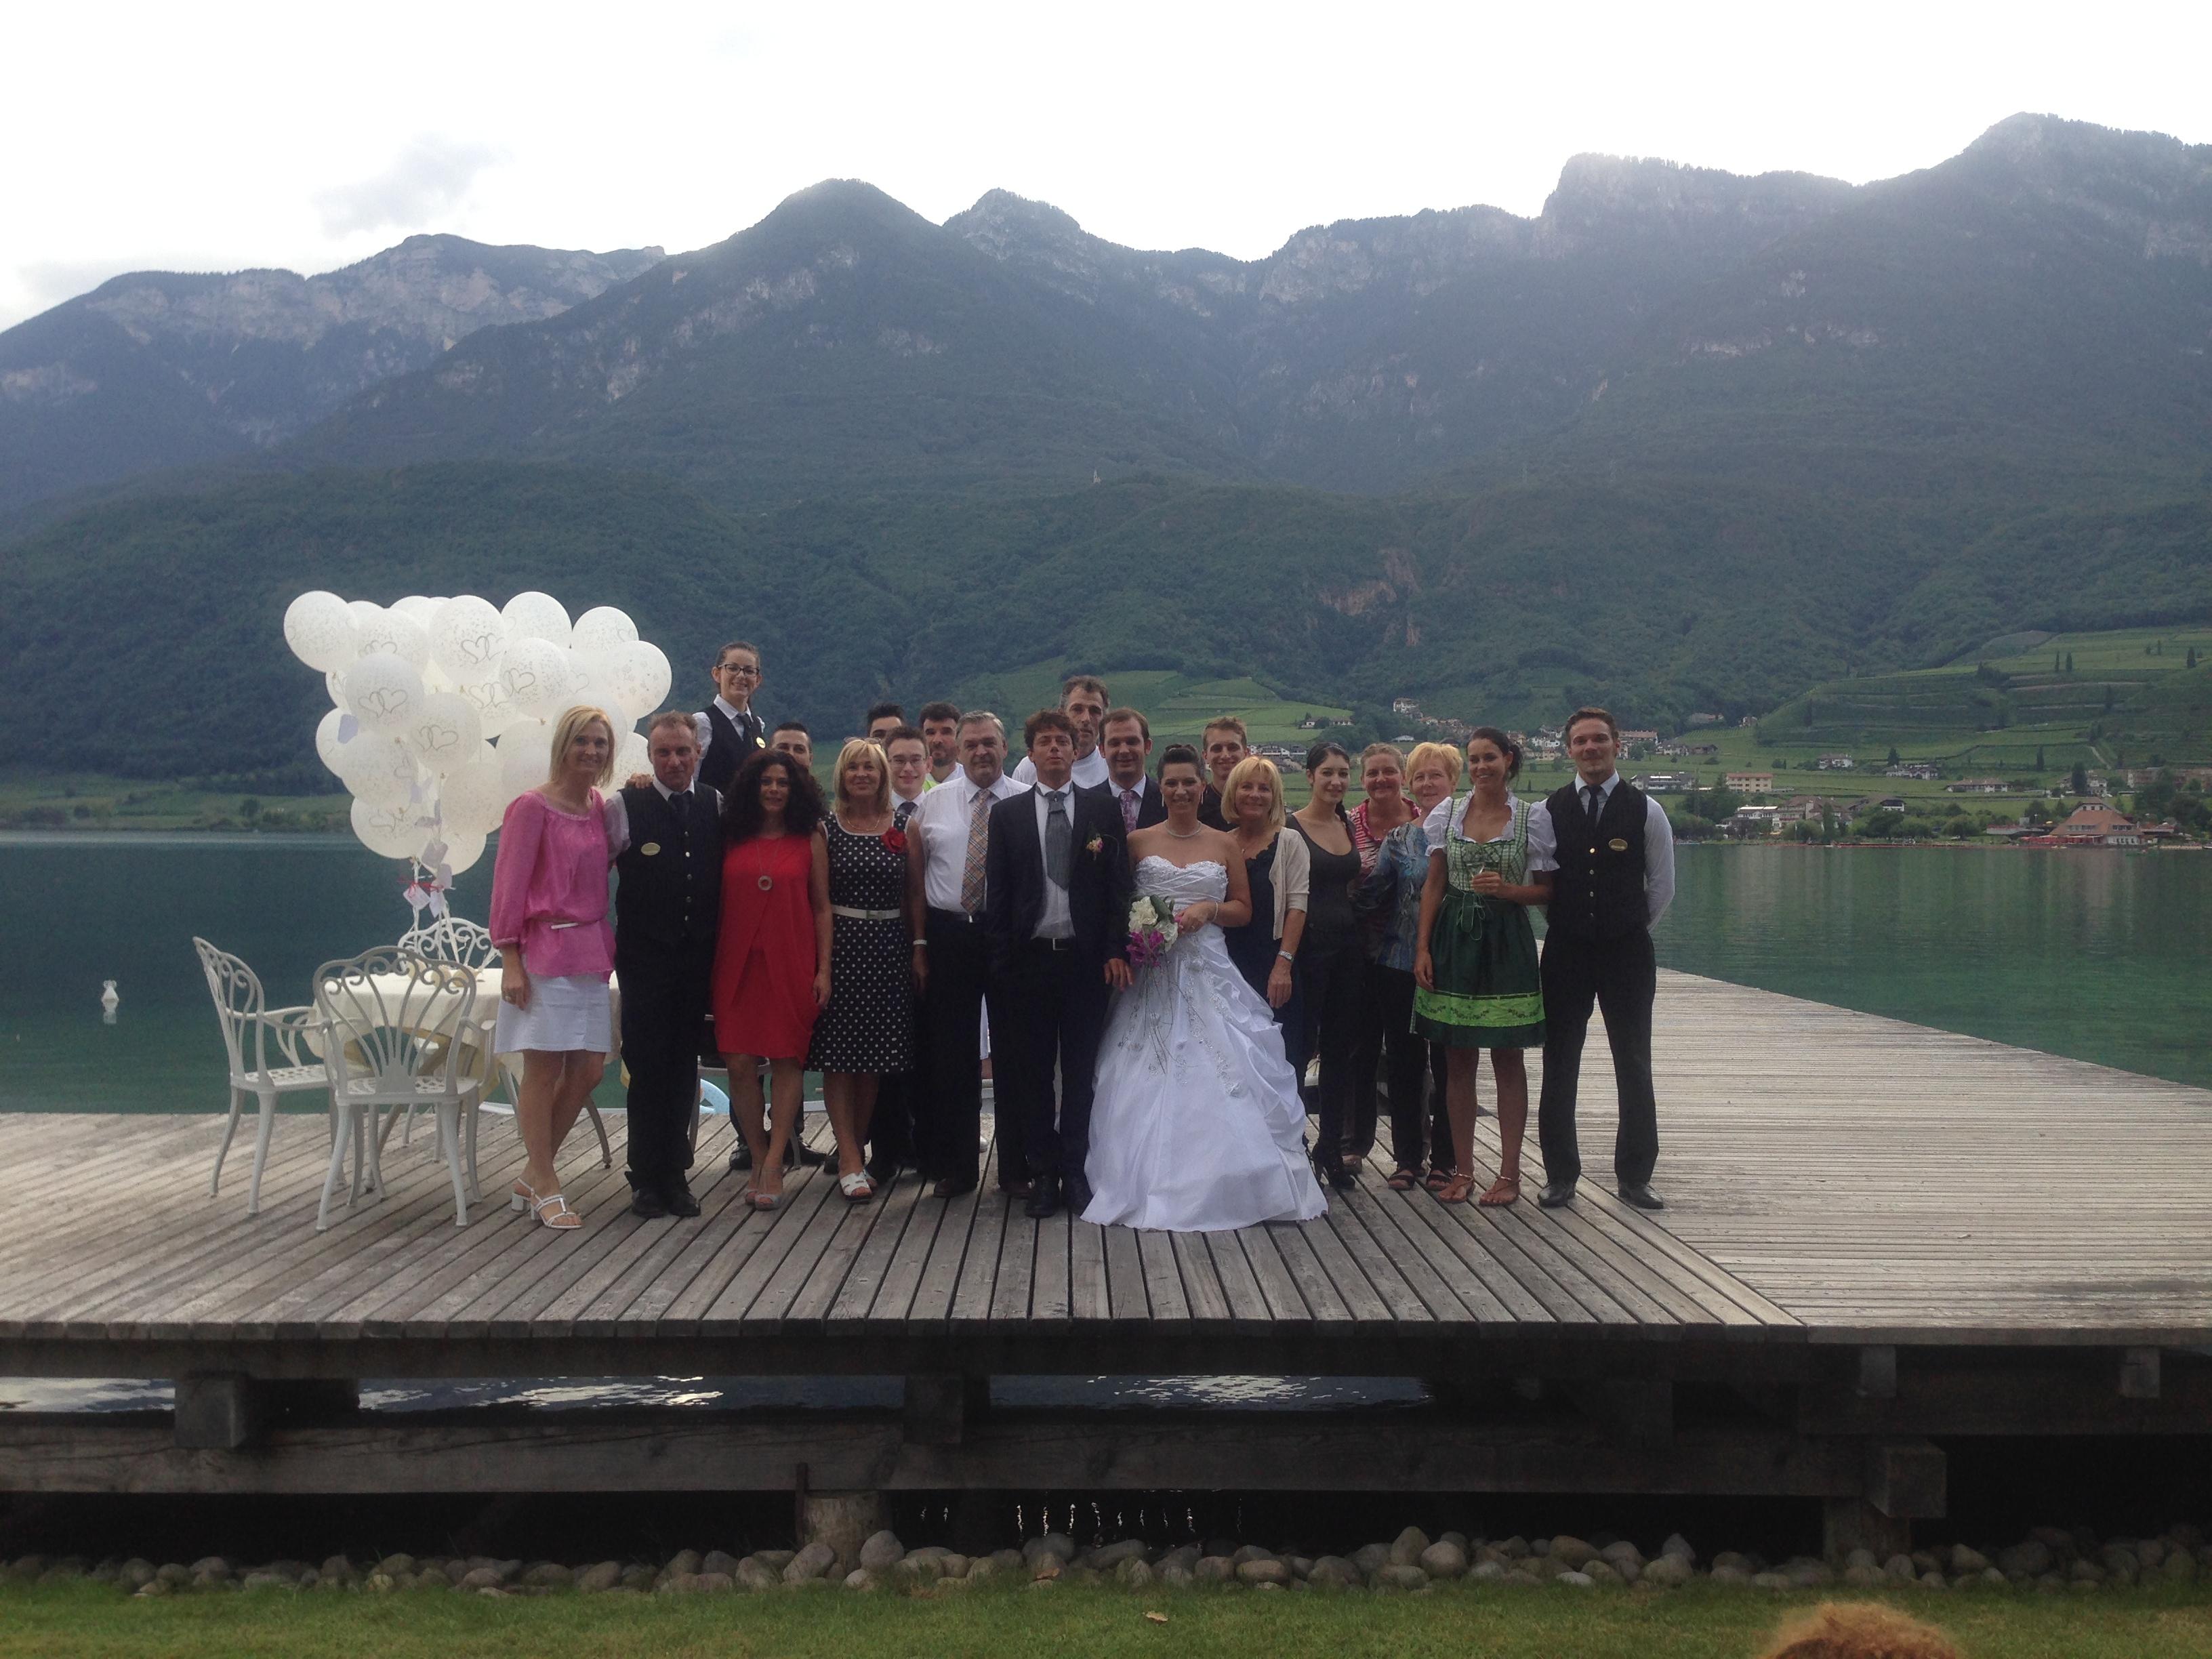 Gruppenfoto mit Brautpaar